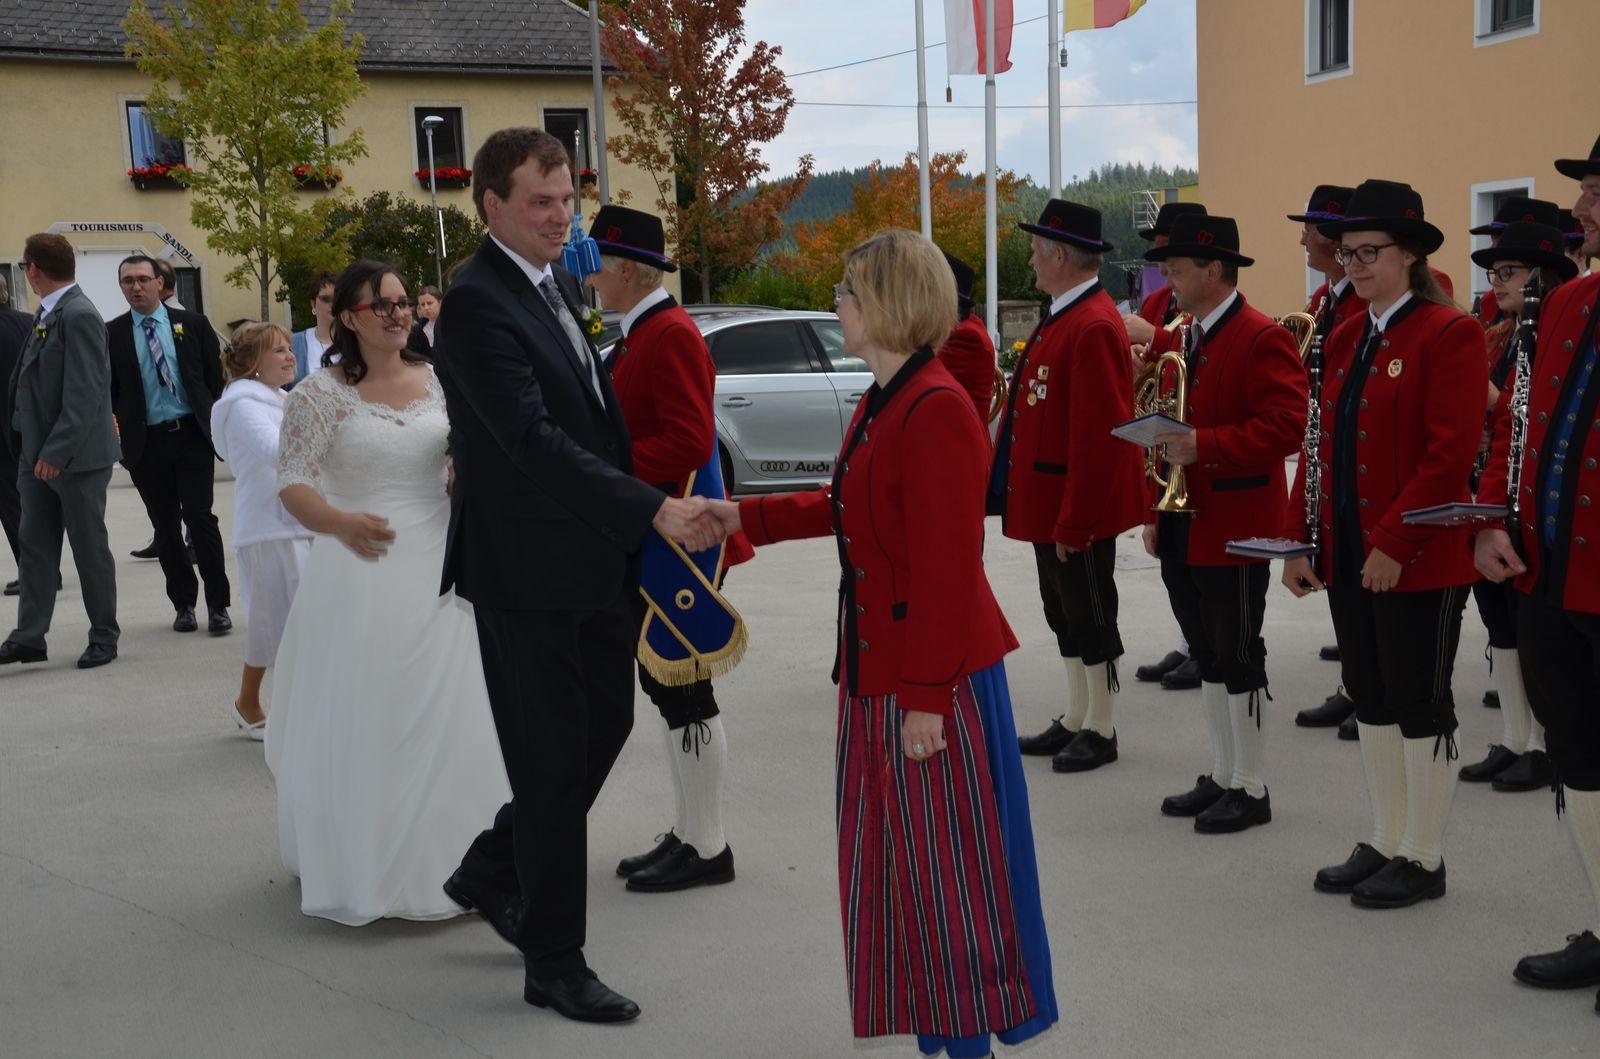 2017.09.23 - Hochzeit Lisa und Daniel - DSC_8938_kl